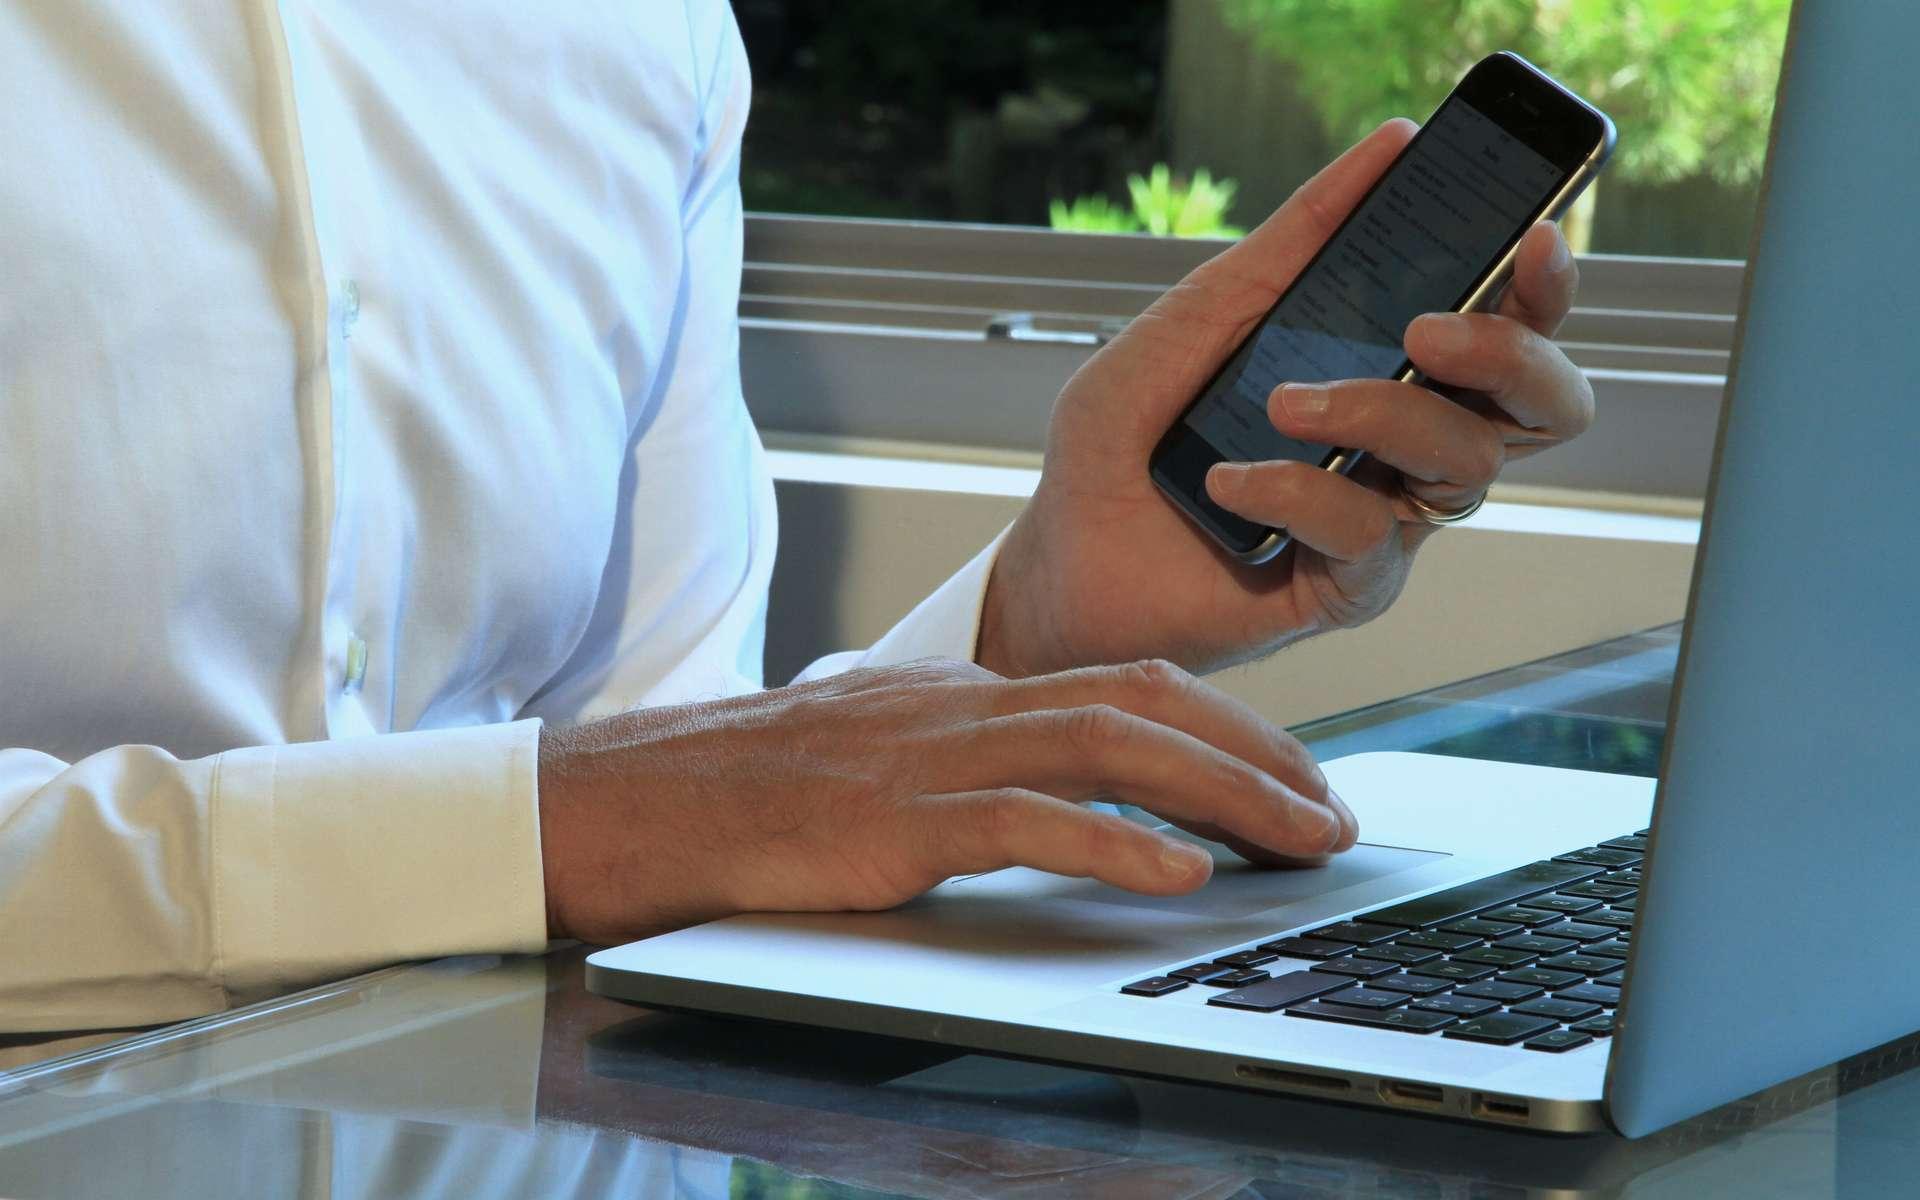 Afficher l'écran d'un smartphone sur une TV. © Rostichep, Adobe Stock